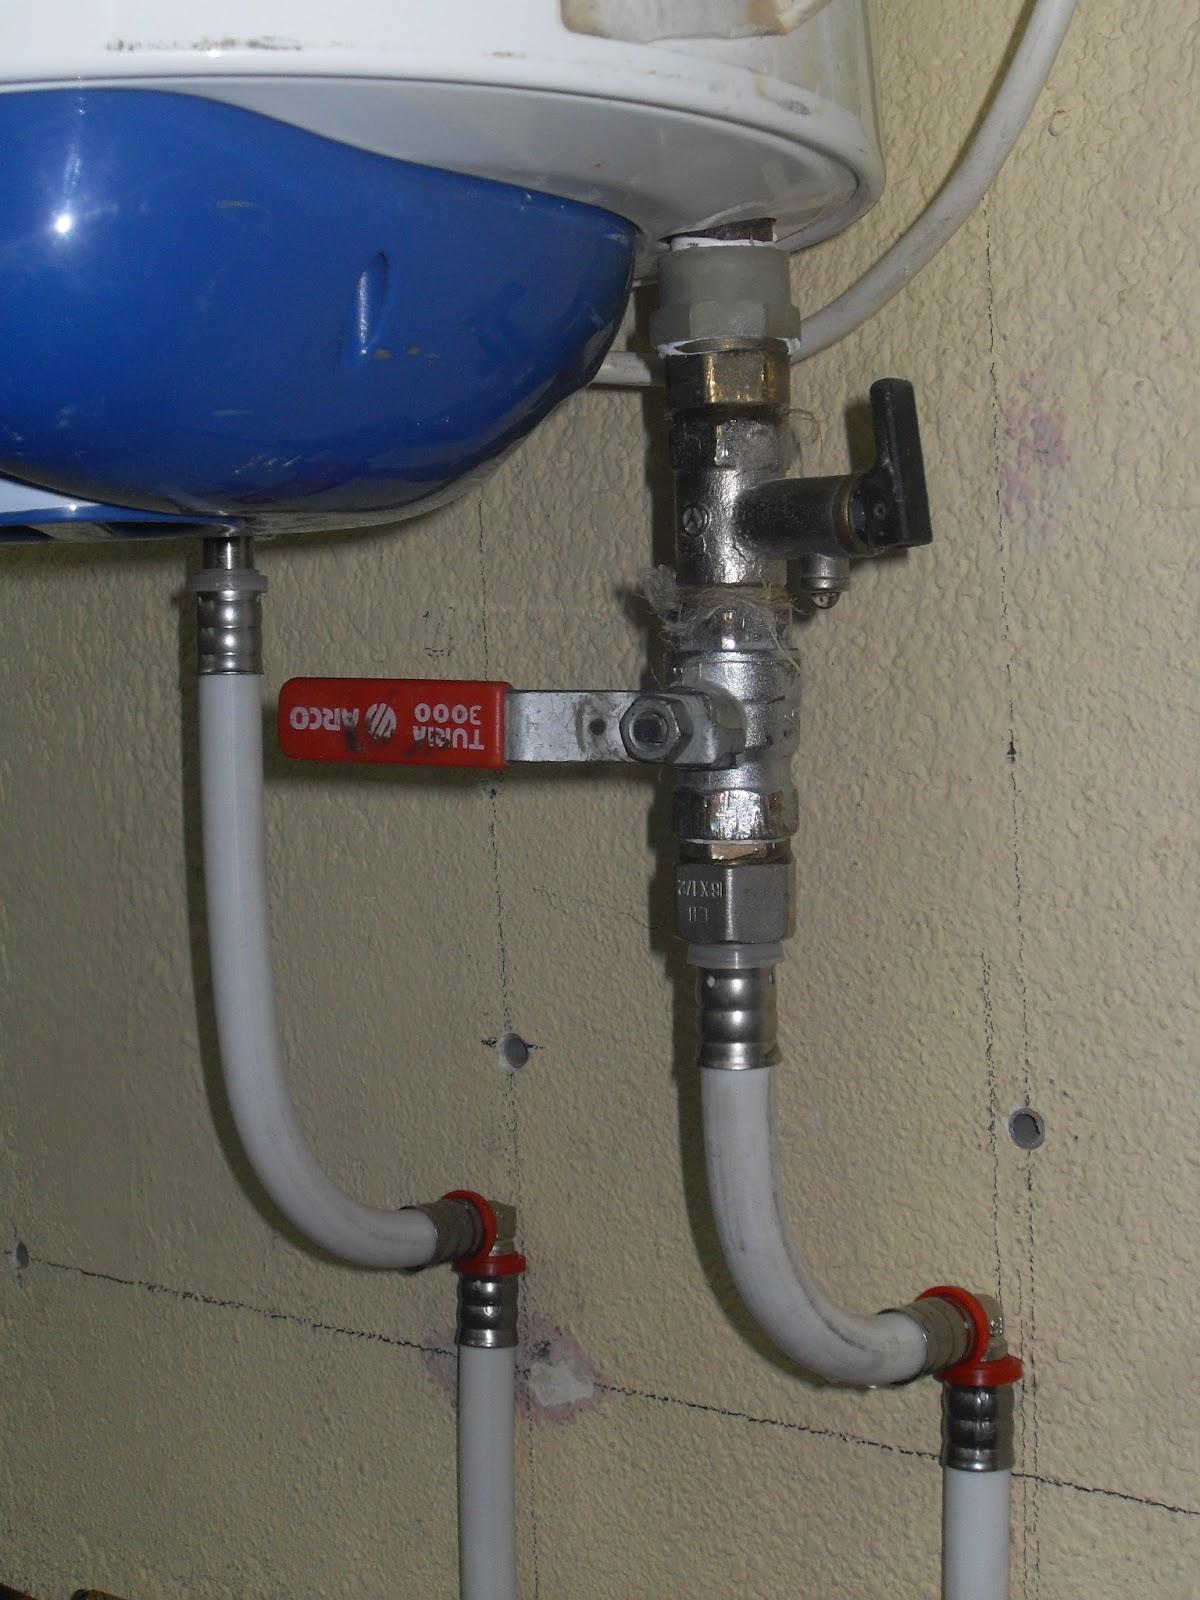 Fontaneros termo el ctrico tema serio forocoches - Termo de agua electrico ...